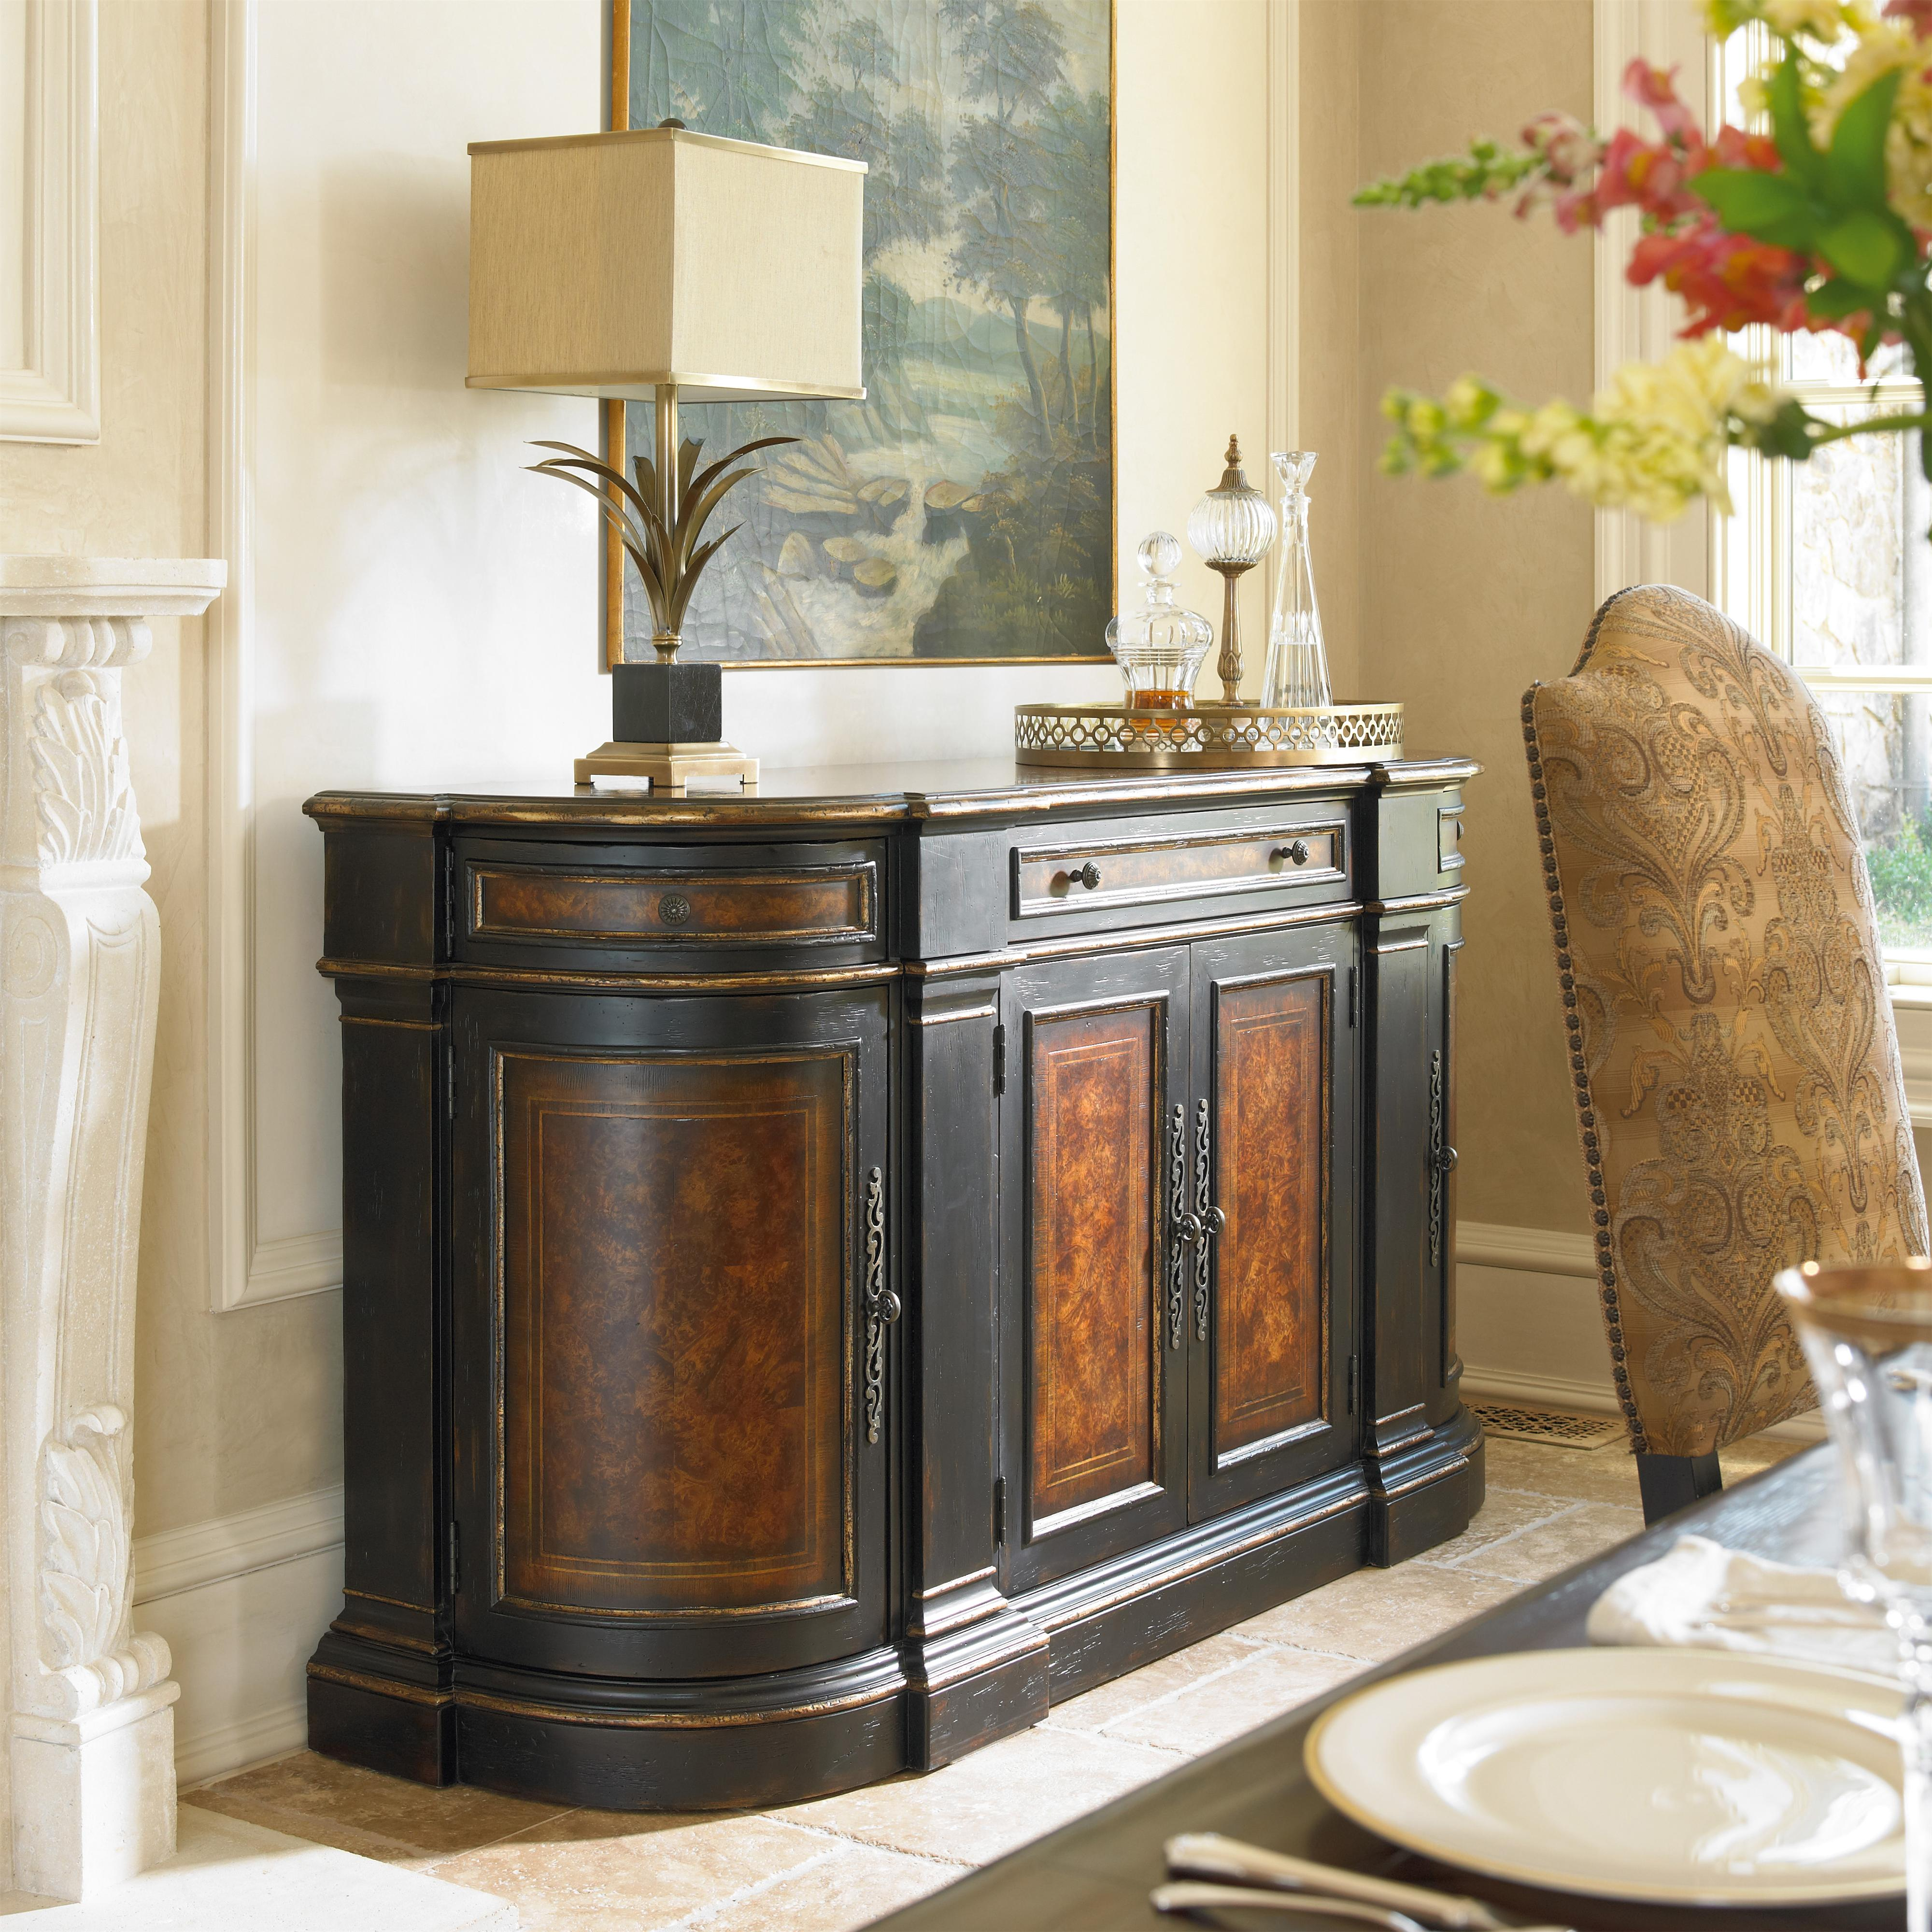 Grandover (5029) By Hooker Furniture   J U0026 J Furniture   Hooker Furniture  Grandover Dealer